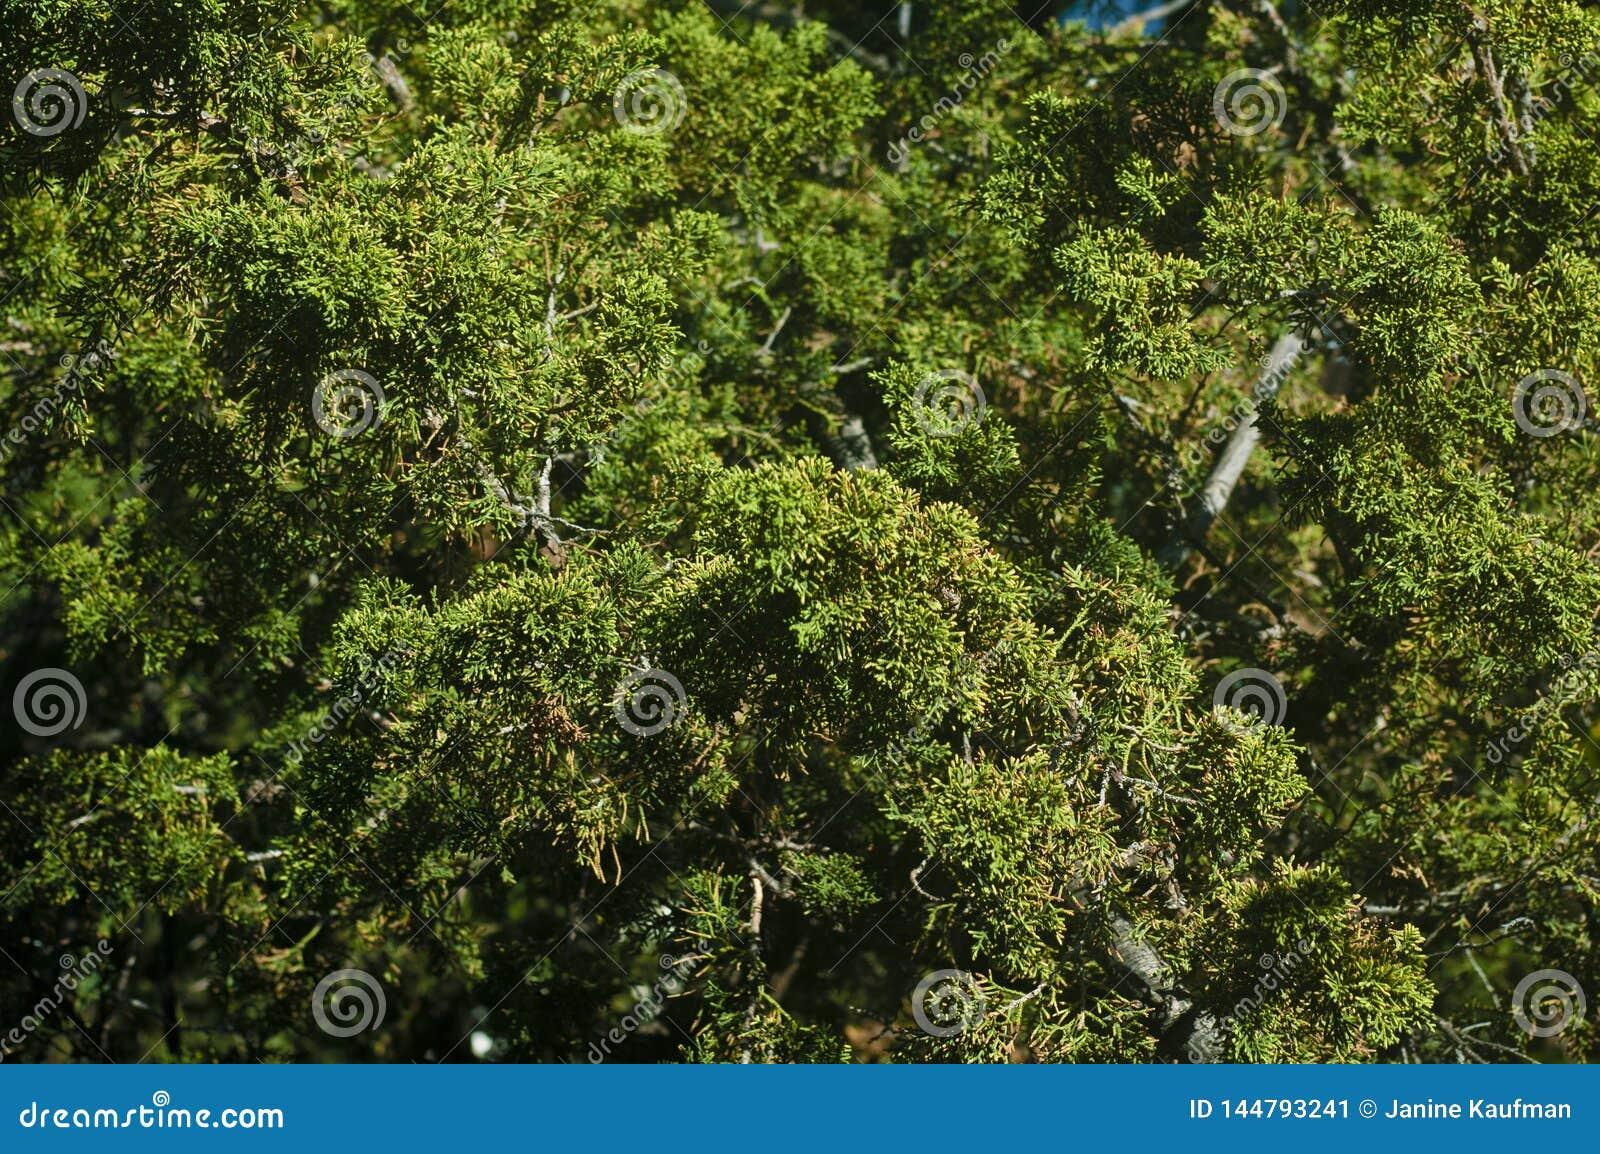 Яркое ое-зелен вечнозеленое дерево выходит ветвям полная предпосылка